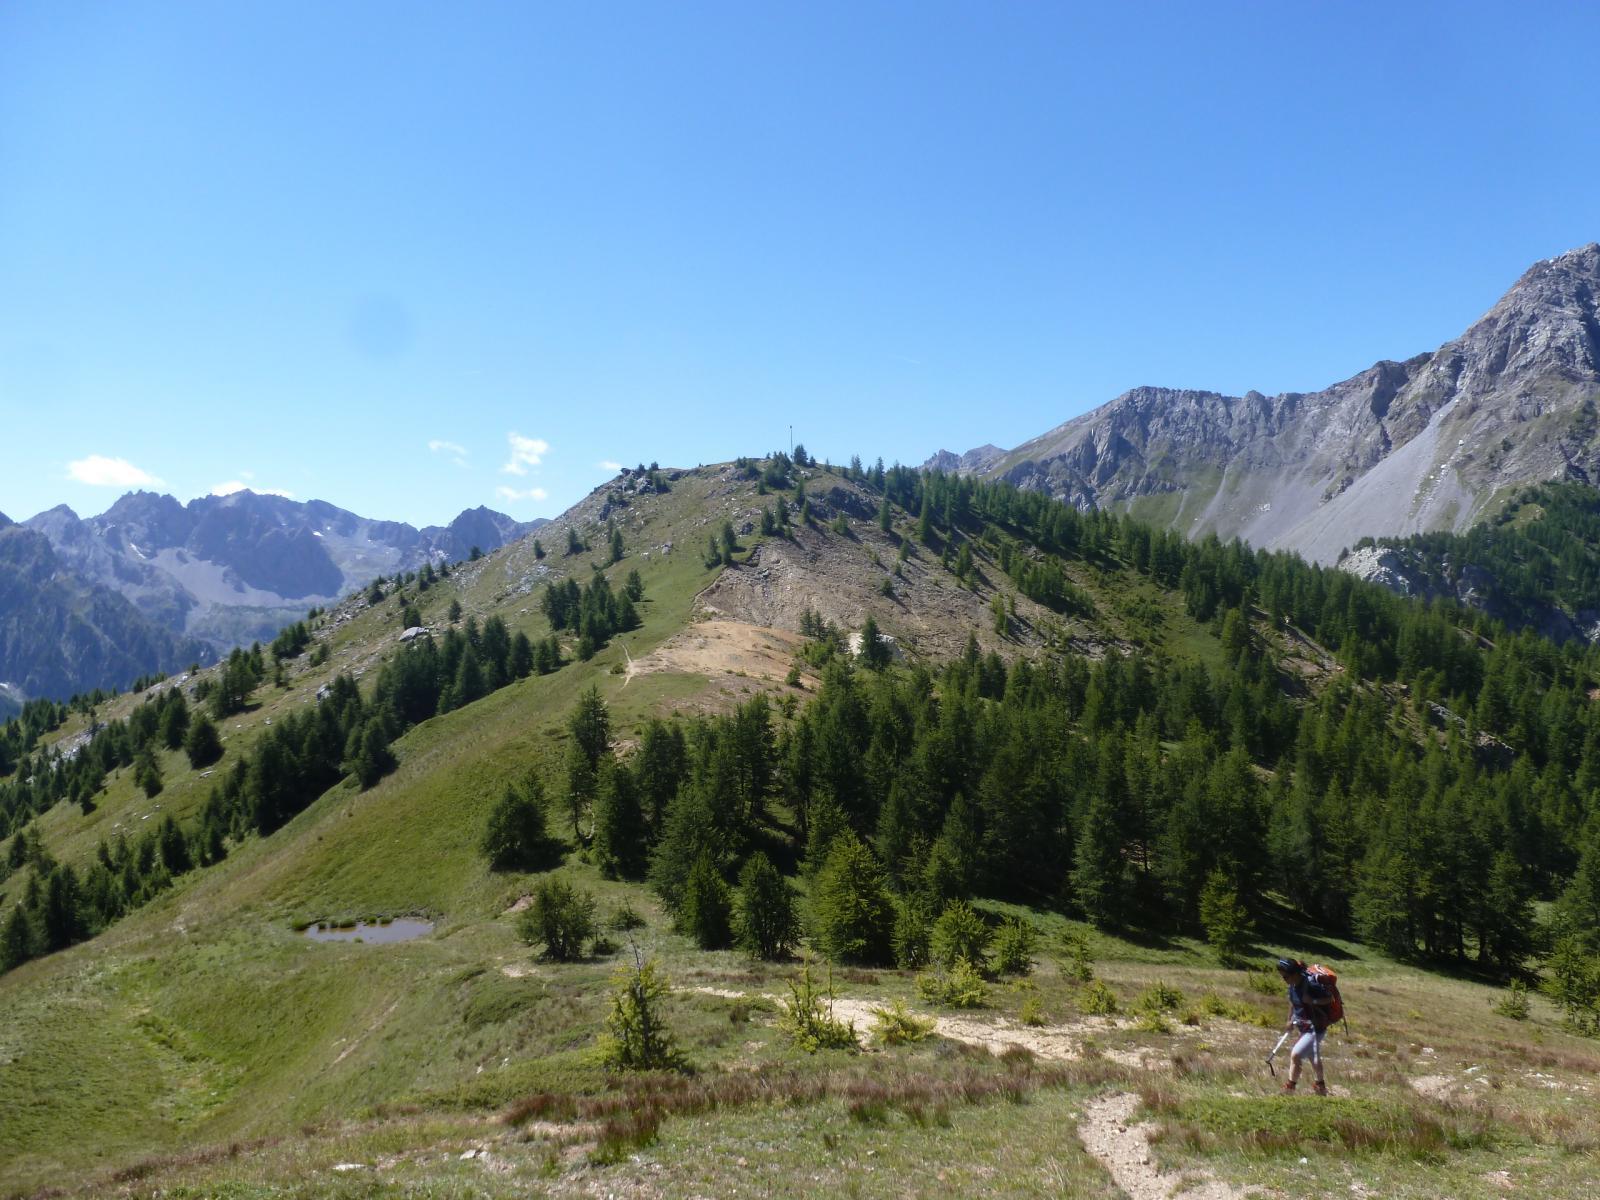 Estelletta (Monte) da Viviere per il Colle Ciarbonnet 2014-08-17